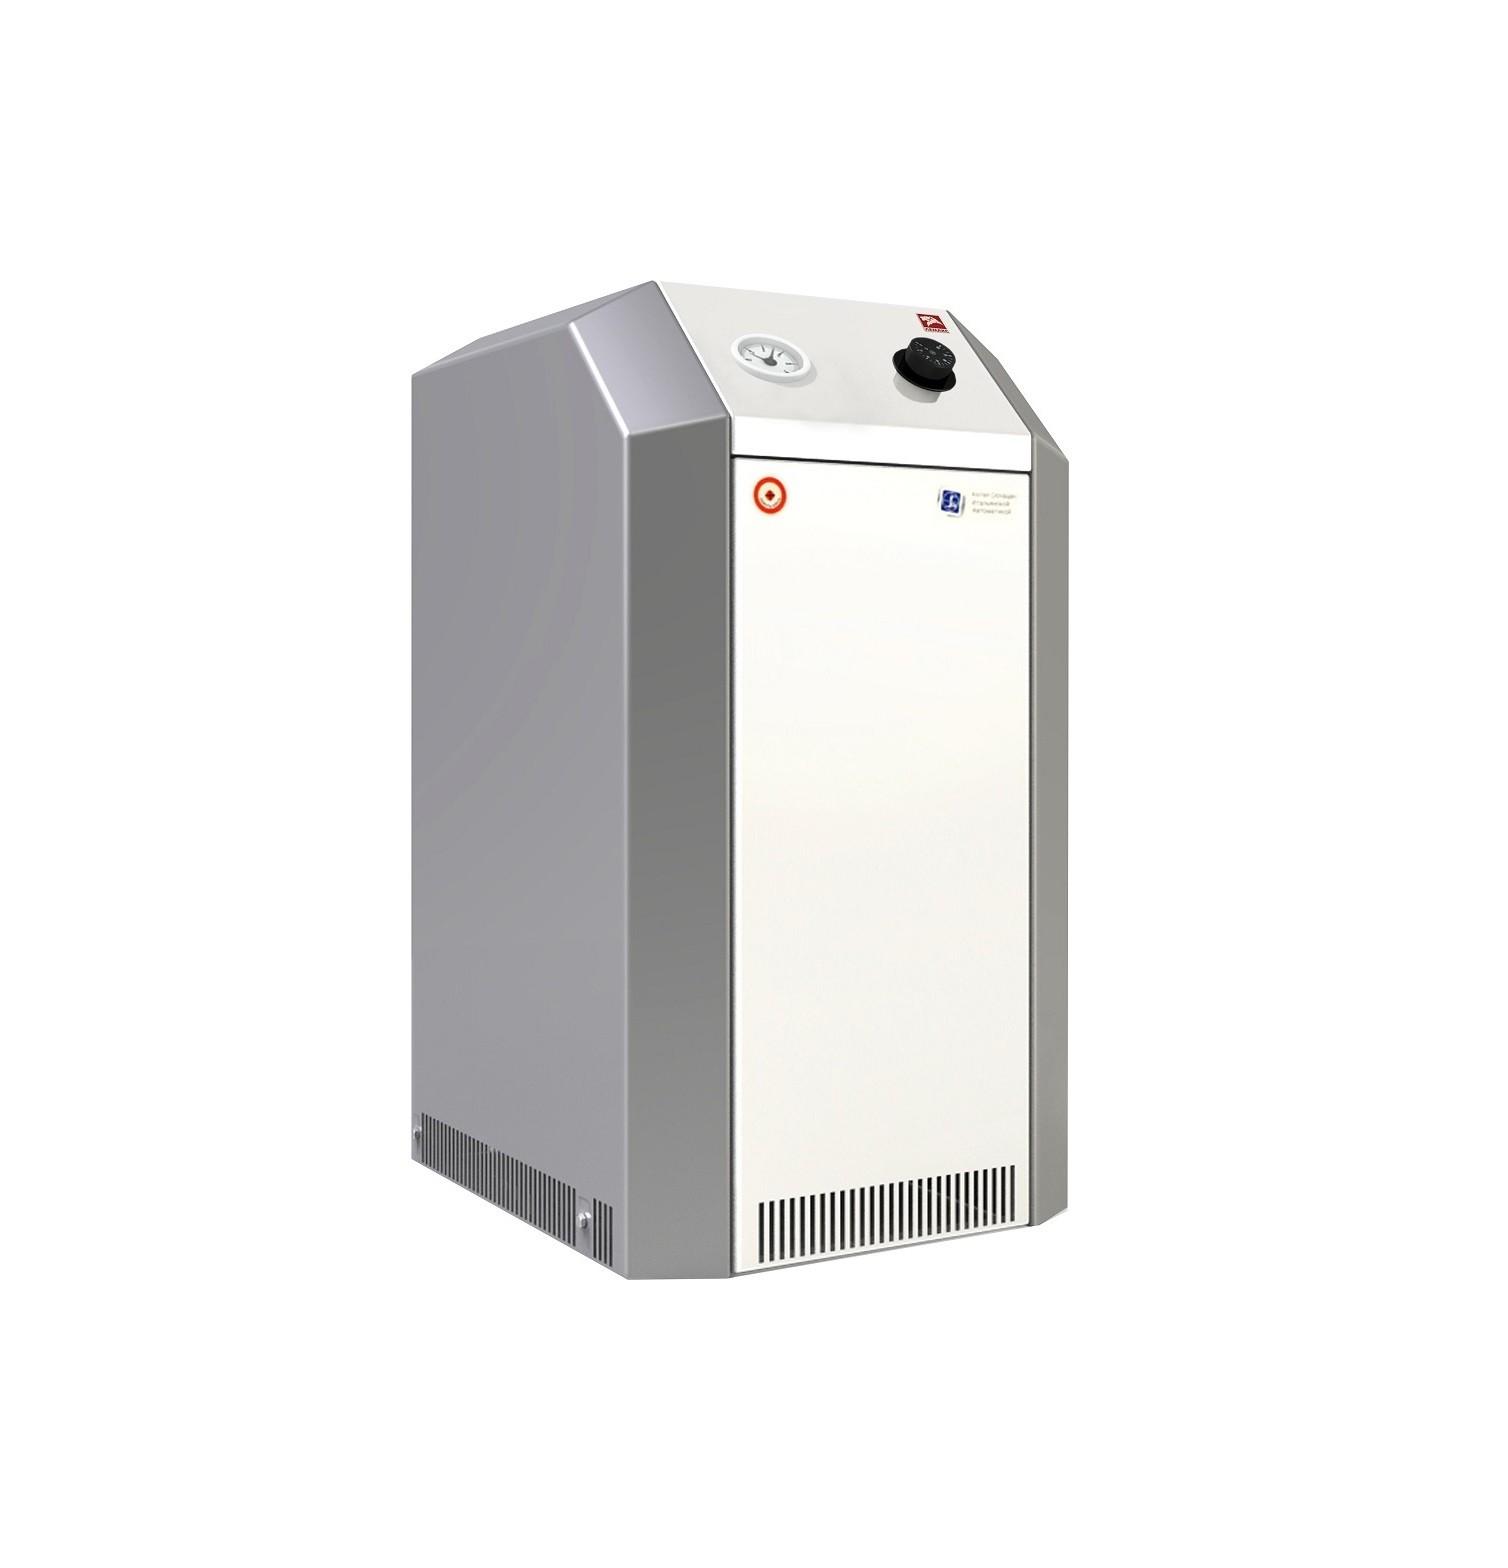 купить котел электрический отопительный энергосберегающий двухконтурный